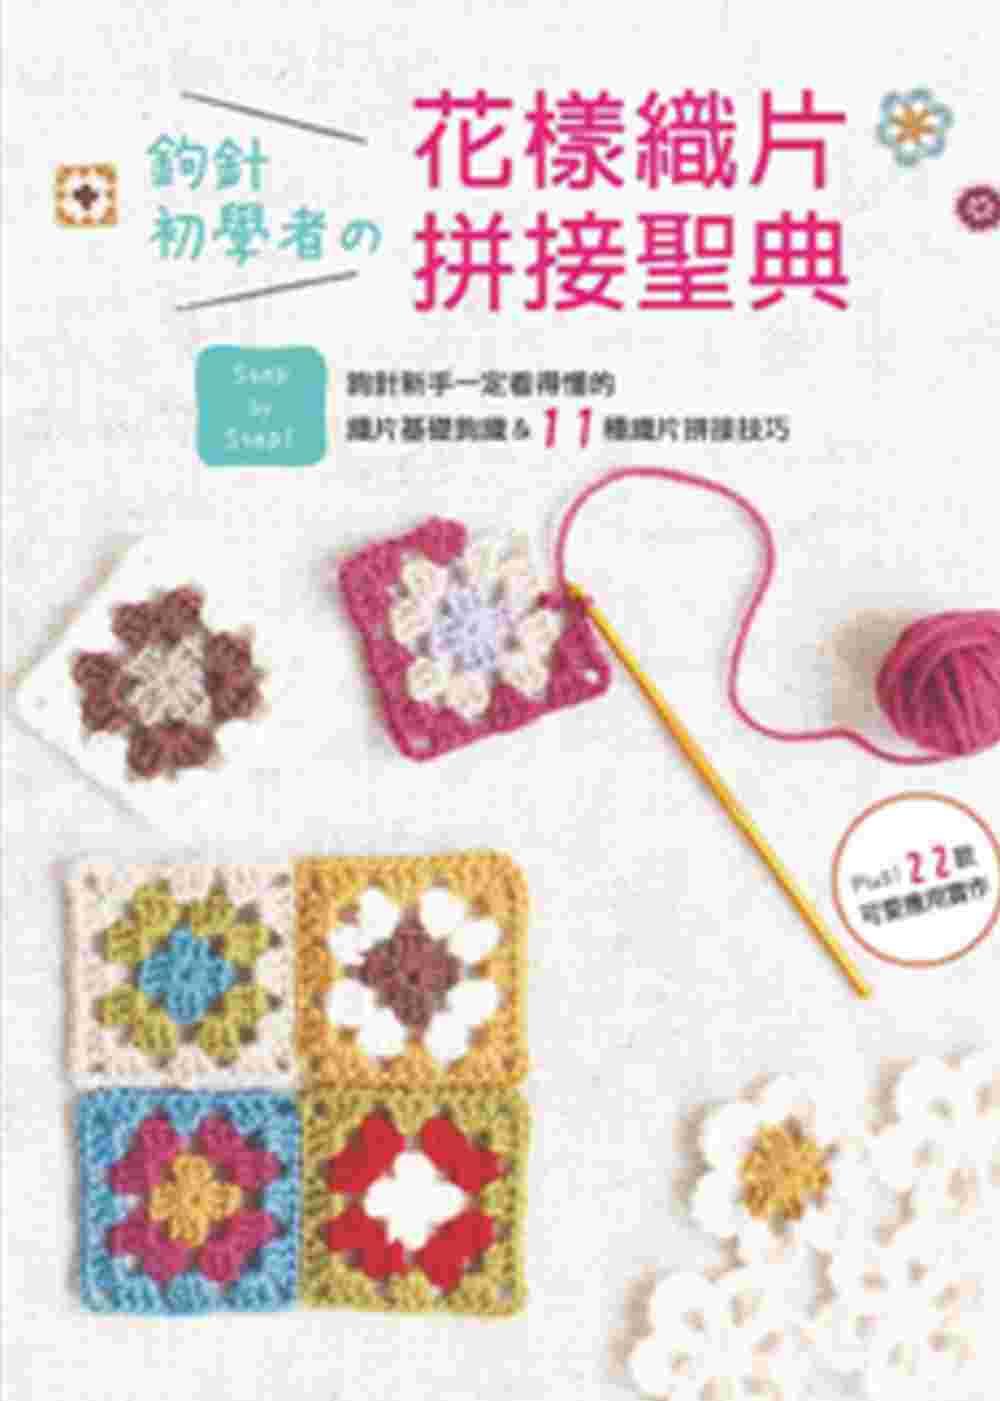 鉤針初學者の花樣織片拼接聖典